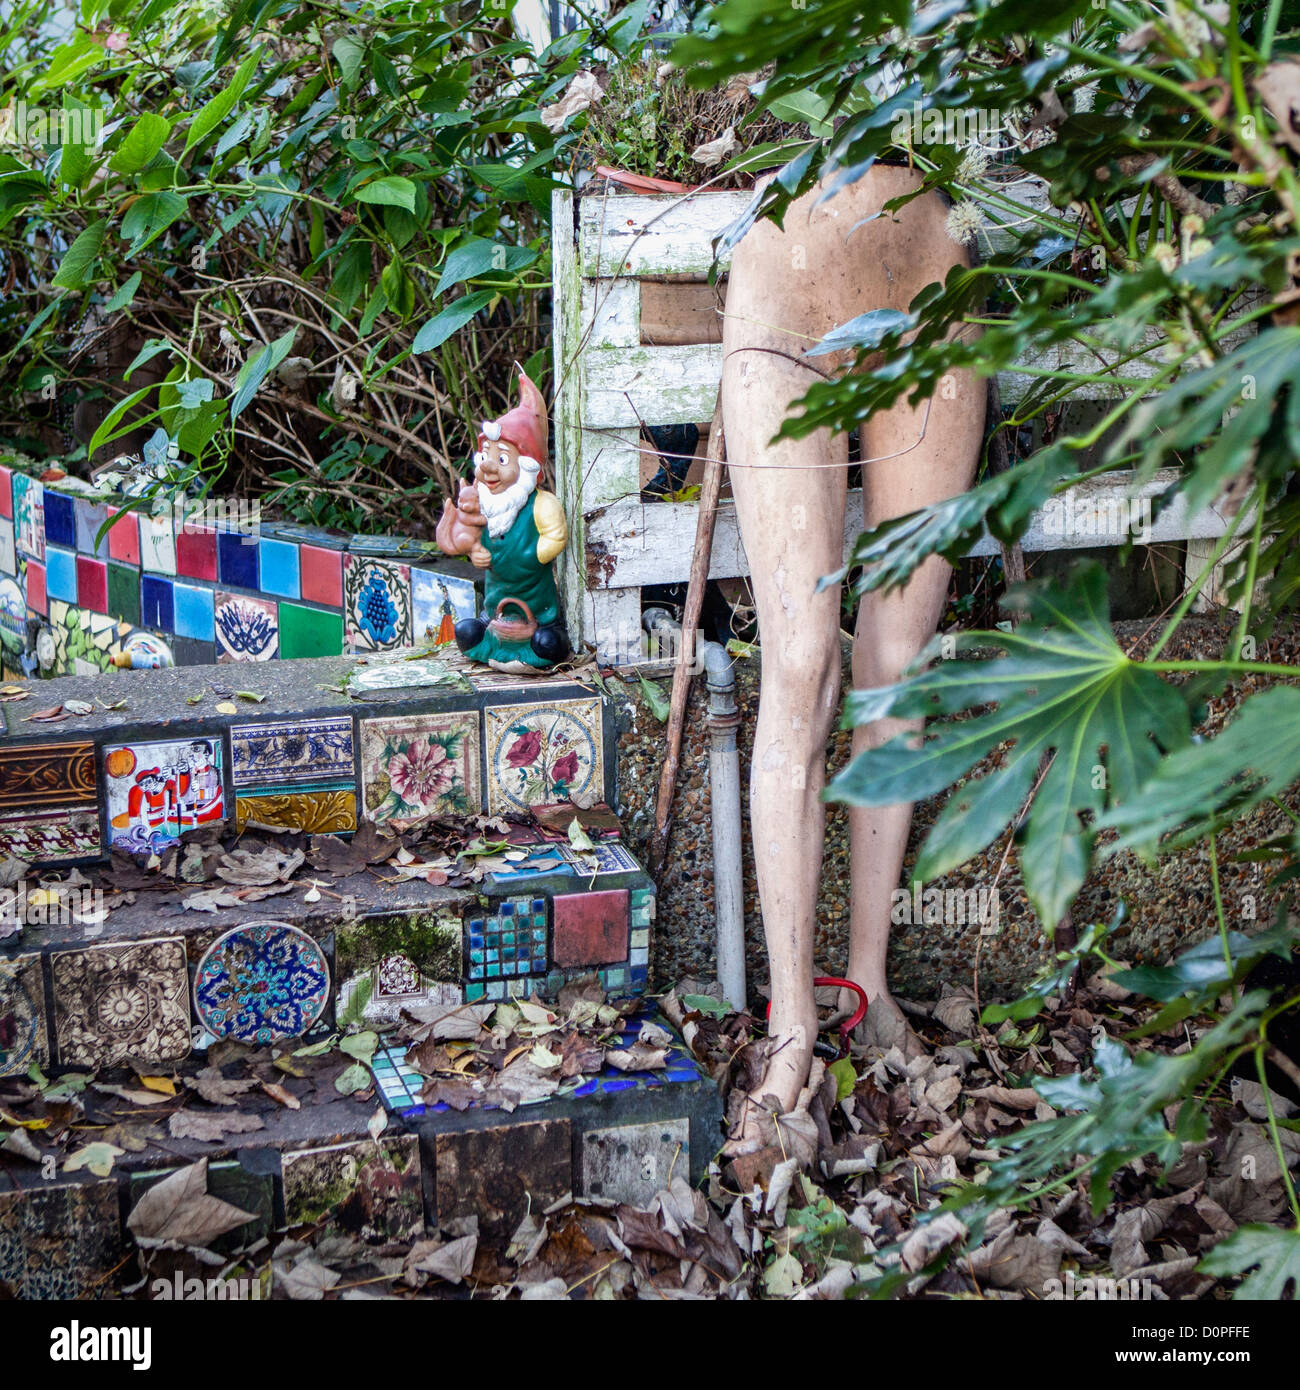 Skurrile Vorgarten eines Hauses am Eel Pie Insel, die Heimat von einer kreativen Community - Twickenham Stockbild